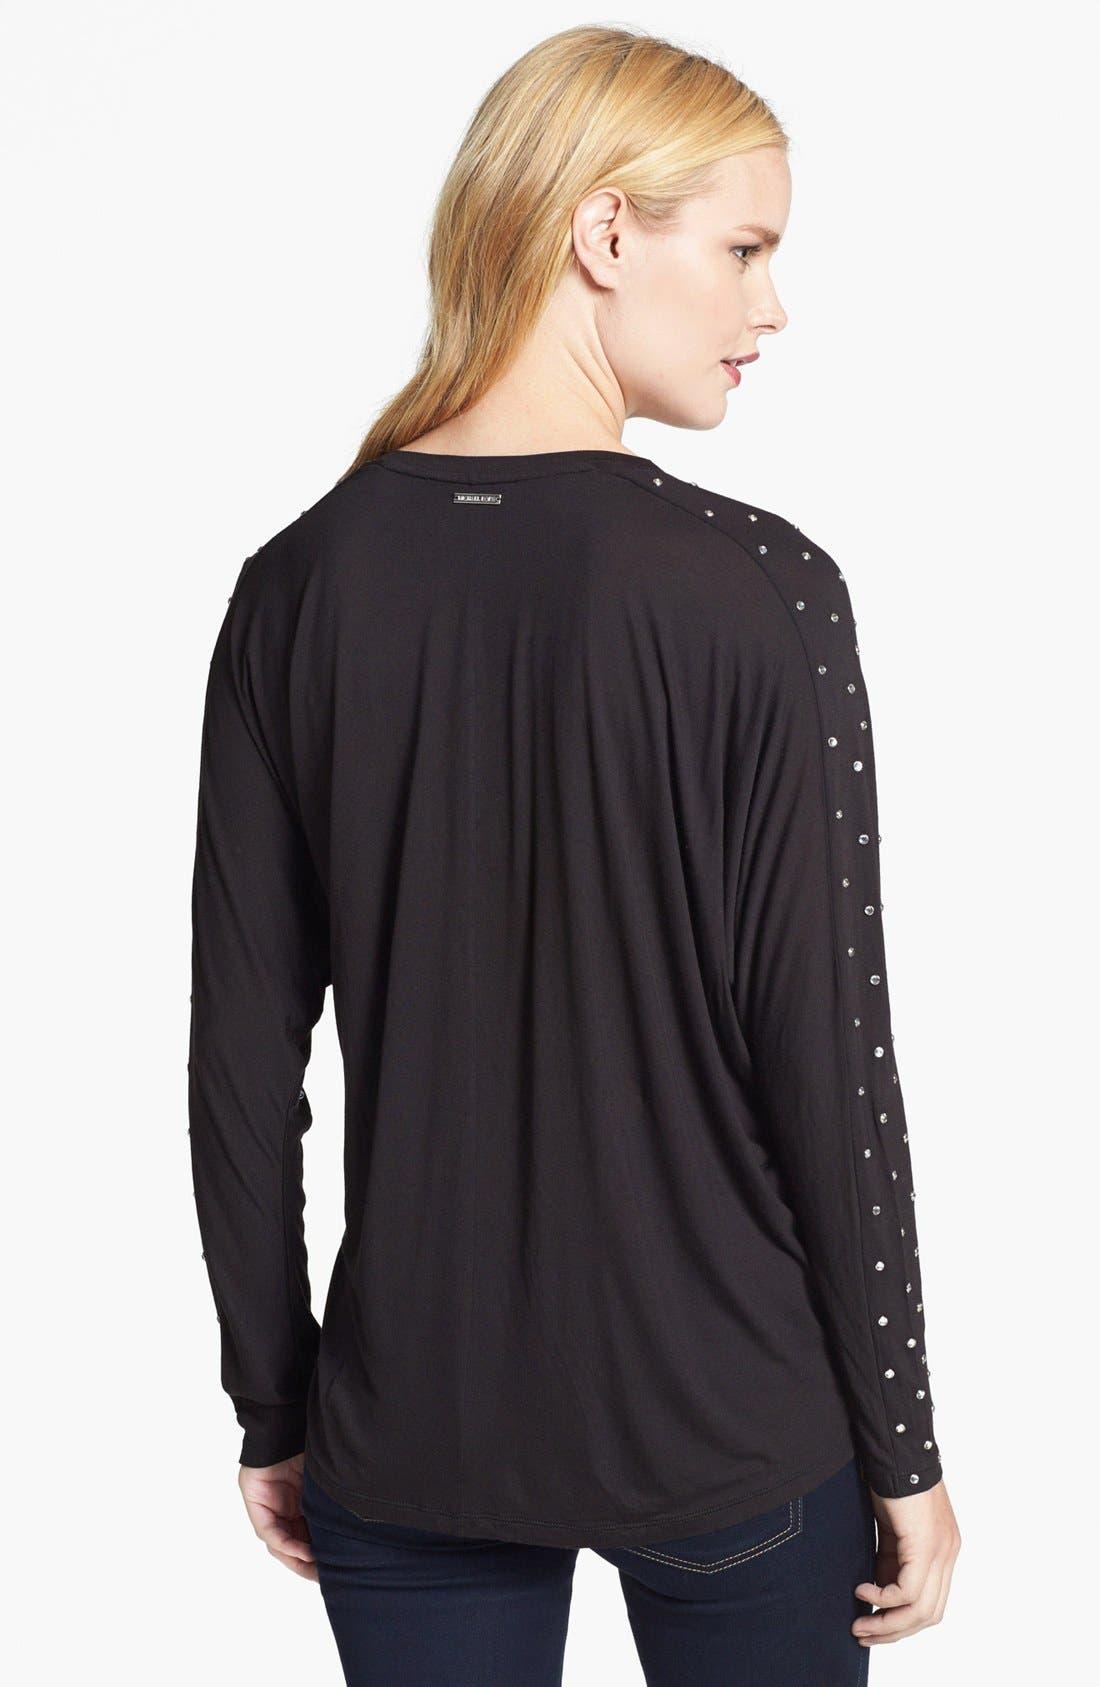 Alternate Image 2  - MICHAEL Michael Kors Studded Sleeve Top (Regular & Petite)